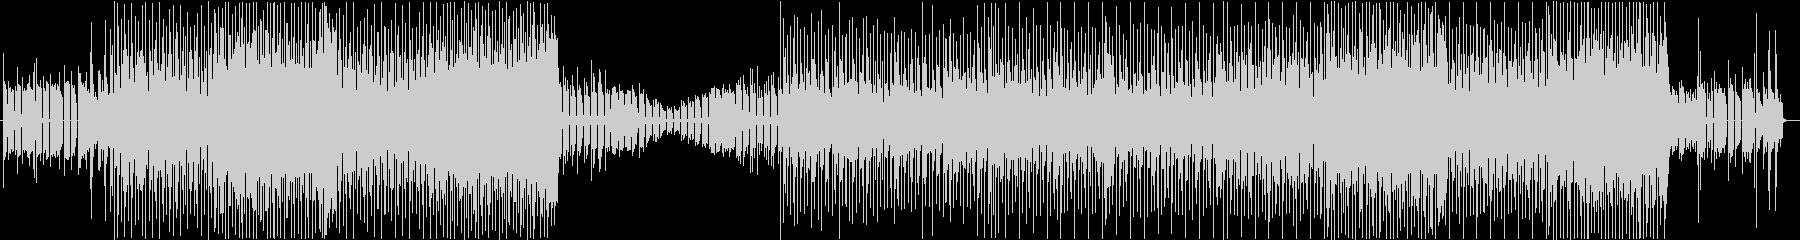 バトルシーンをイメージした電子音楽の未再生の波形